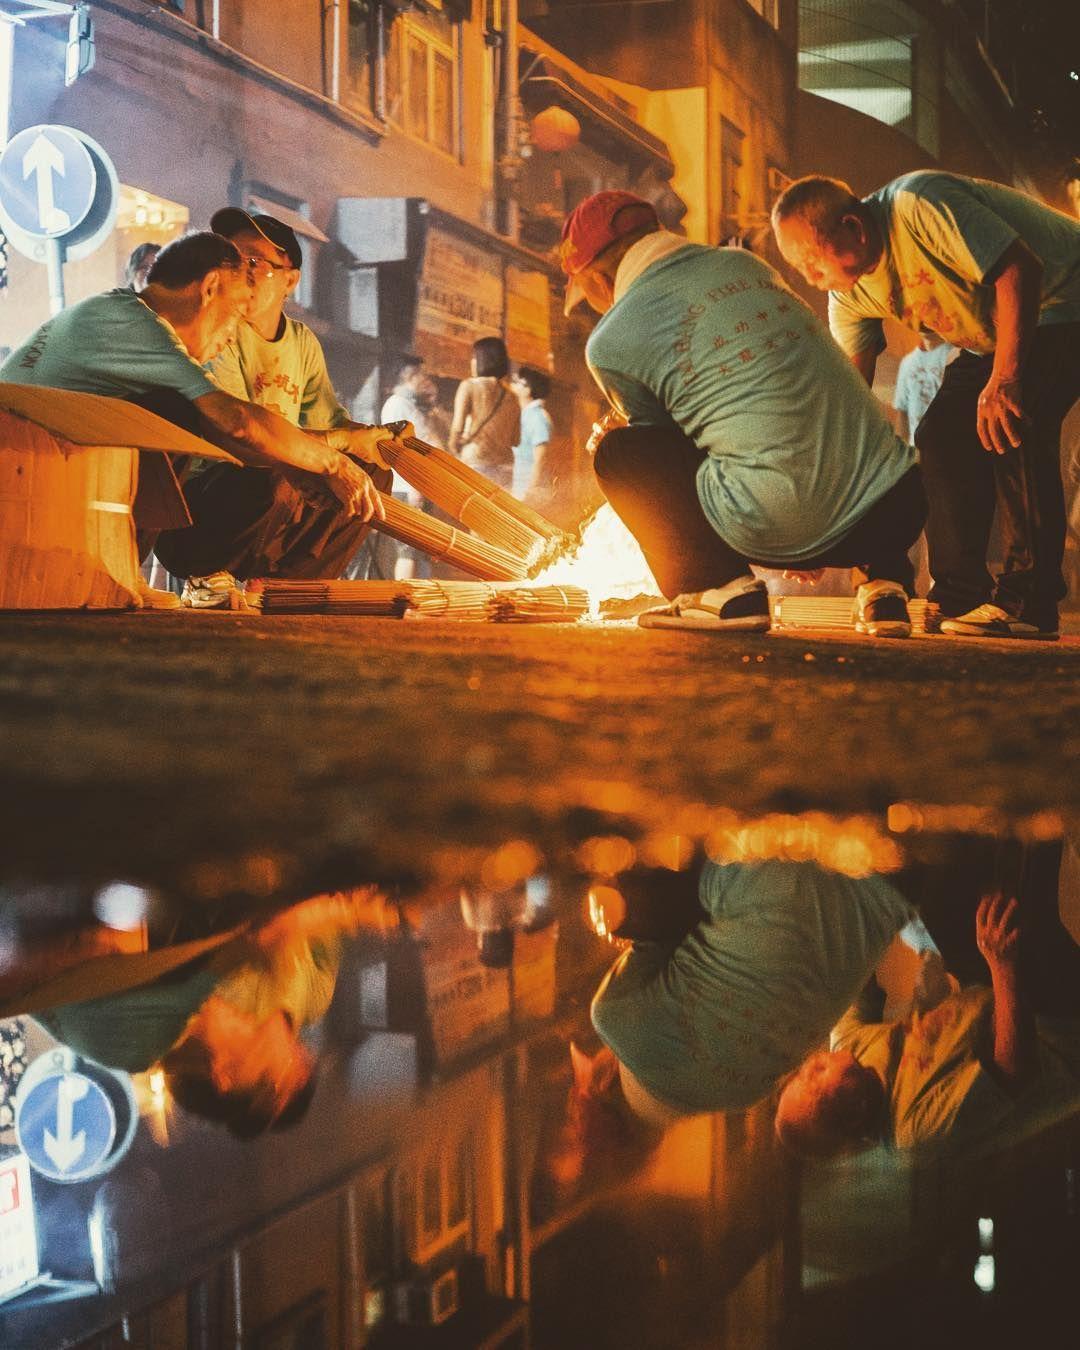 جشنواره ارواح هنگ کنگ